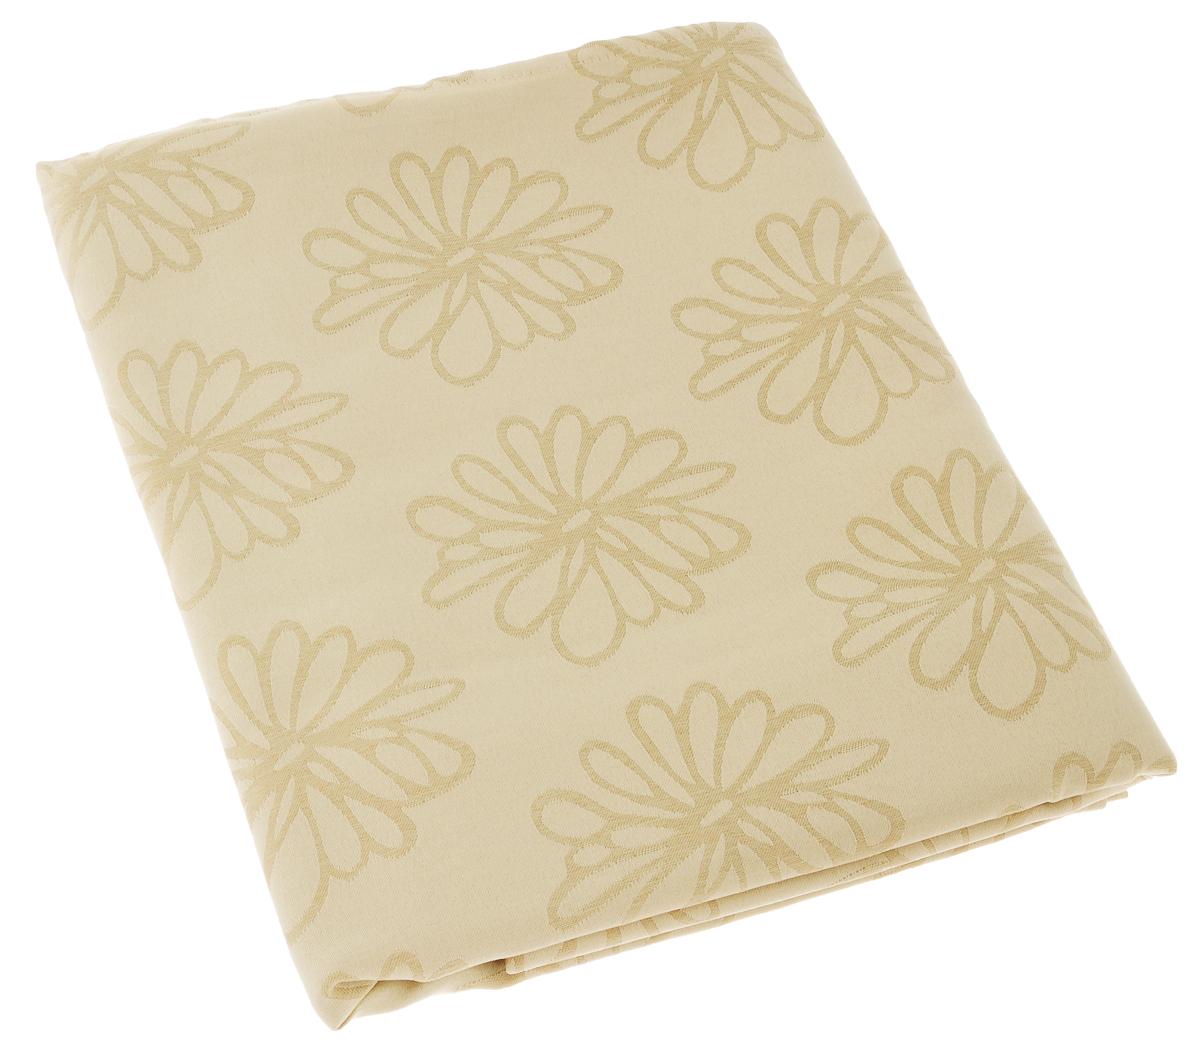 Скатерть Schaefer, прямоугольная, цвет: бежевый, 130 х 160 см. 08100-42708100-427Изящная прямоугольная скатерть Schaefer, выполненная из плотного полиэстера, станет украшением кухонного стола. Изделие декорировано красивым цветочным узором. За текстилем из полиэстера очень легко ухаживать: он не мнется, не садится и быстро сохнет, легко стирается, более долговечен, чем текстиль из натуральных волокон. Использование такой скатерти сделает застолье торжественным, поднимет настроение гостей и приятно удивит их вашим изысканным вкусом. Также вы можете использовать эту скатерть для повседневной трапезы, превратив каждый прием пищи в волшебный праздник и веселье. Это текстильное изделие станет изысканным украшением вашего дома!